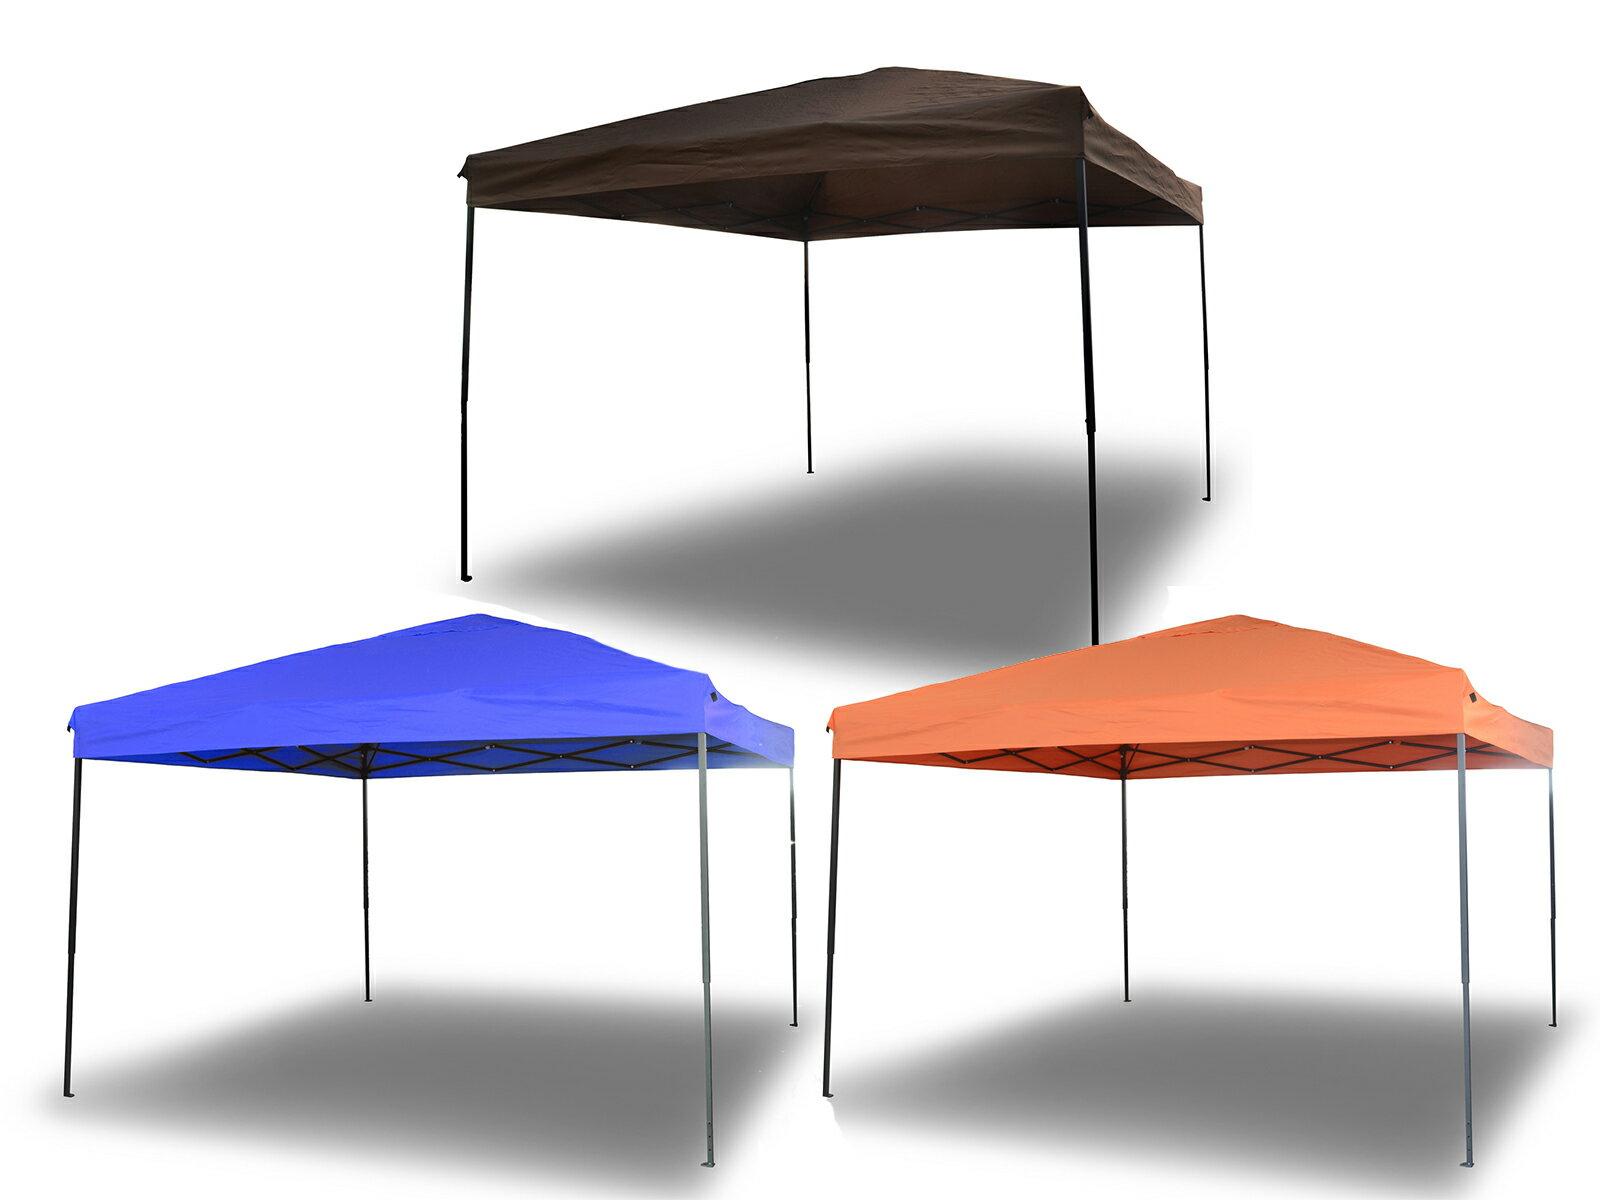 【ポイント10倍】タープテント テント タープ 3m×3m ワンタッチタープテント スチール フレーム 4段階 高さ調節 簡単組立 3色選択 ブラウン ブルー オレンジ 日よけ イベント アウトドア キャンプ フリマ オールシーズン キャンプ用品 収納バック付き 送料無料 ODTT11画像